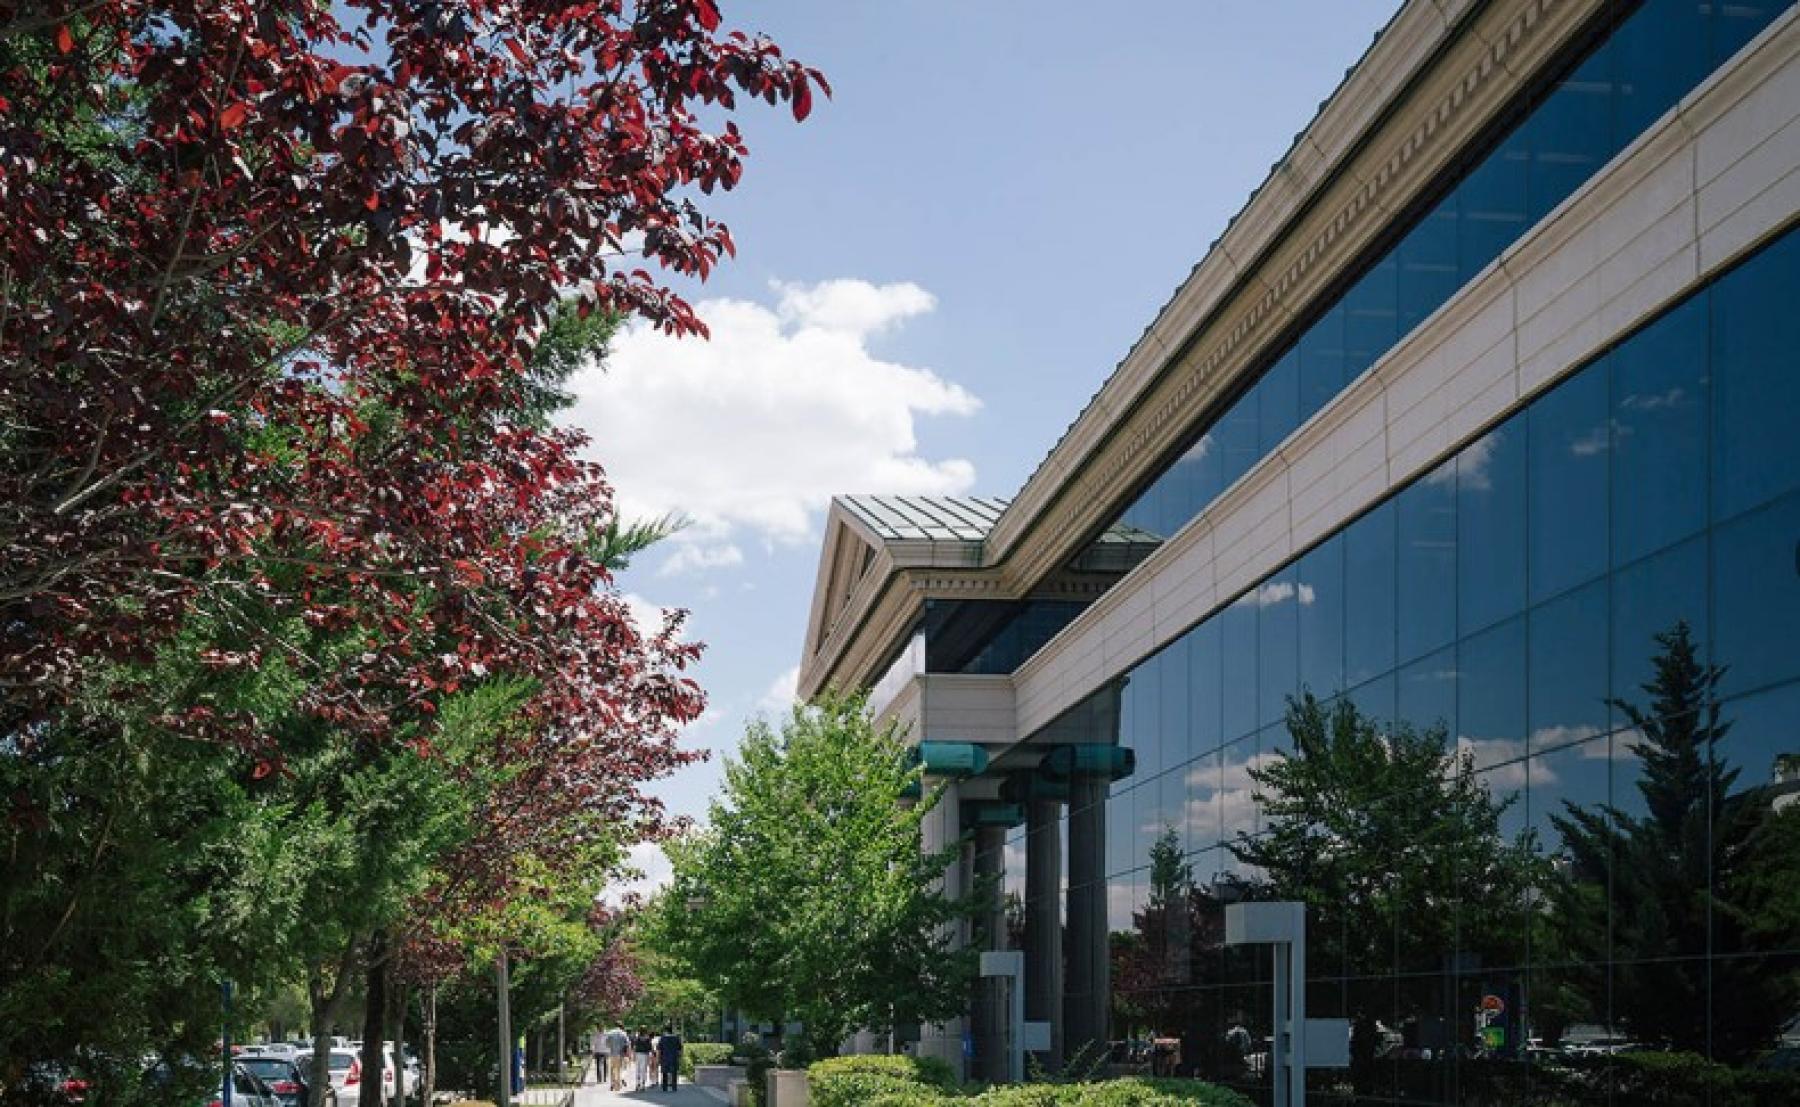 Alquilar oficinas Vía de las Dos Castillas 33, Madrid (1)